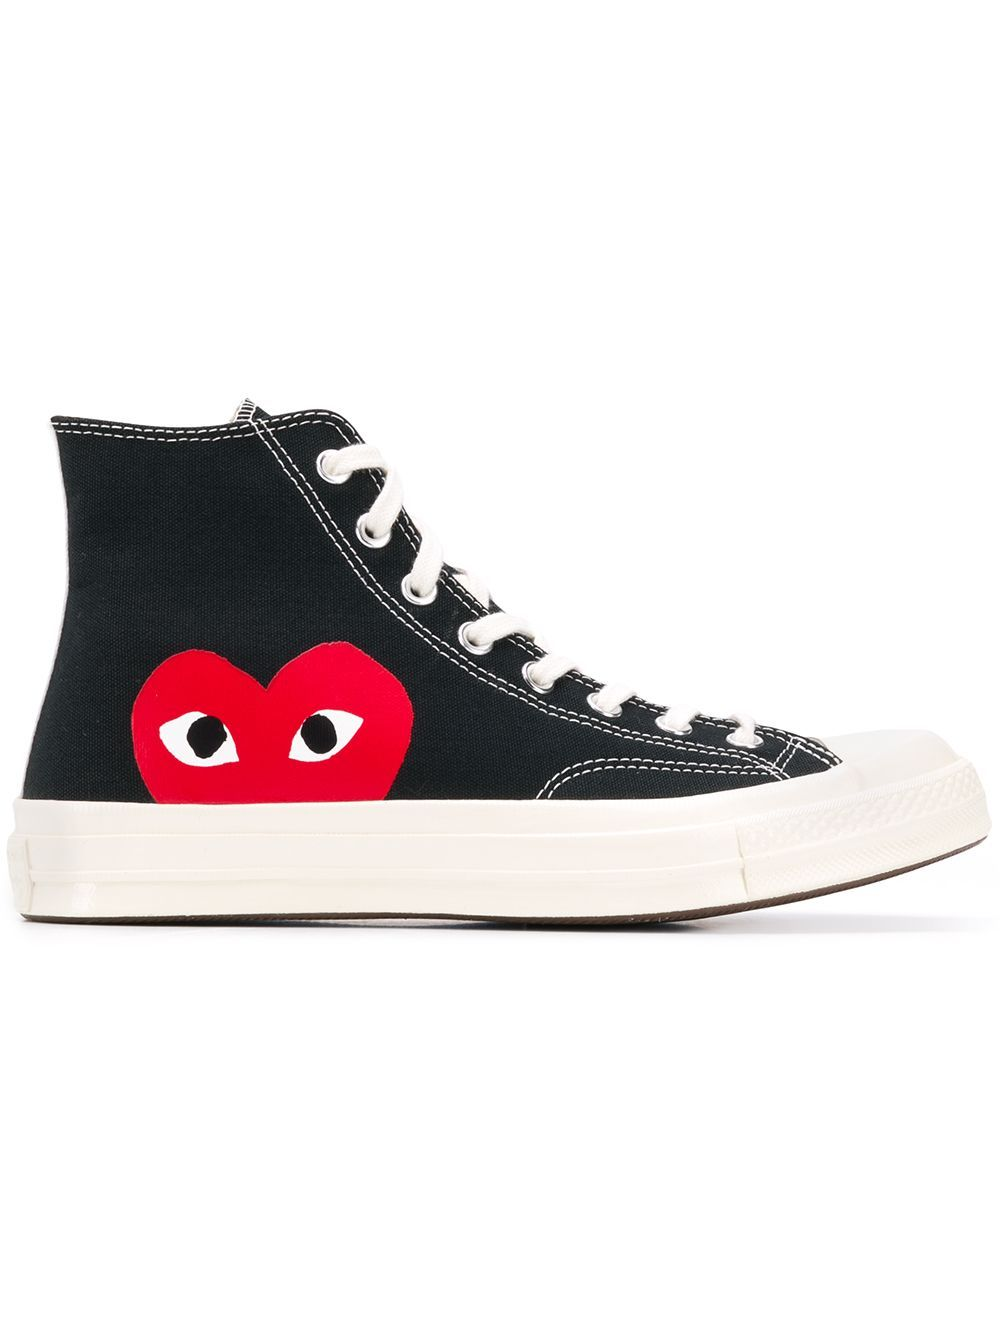 Comme des Garcons Sneakers Black